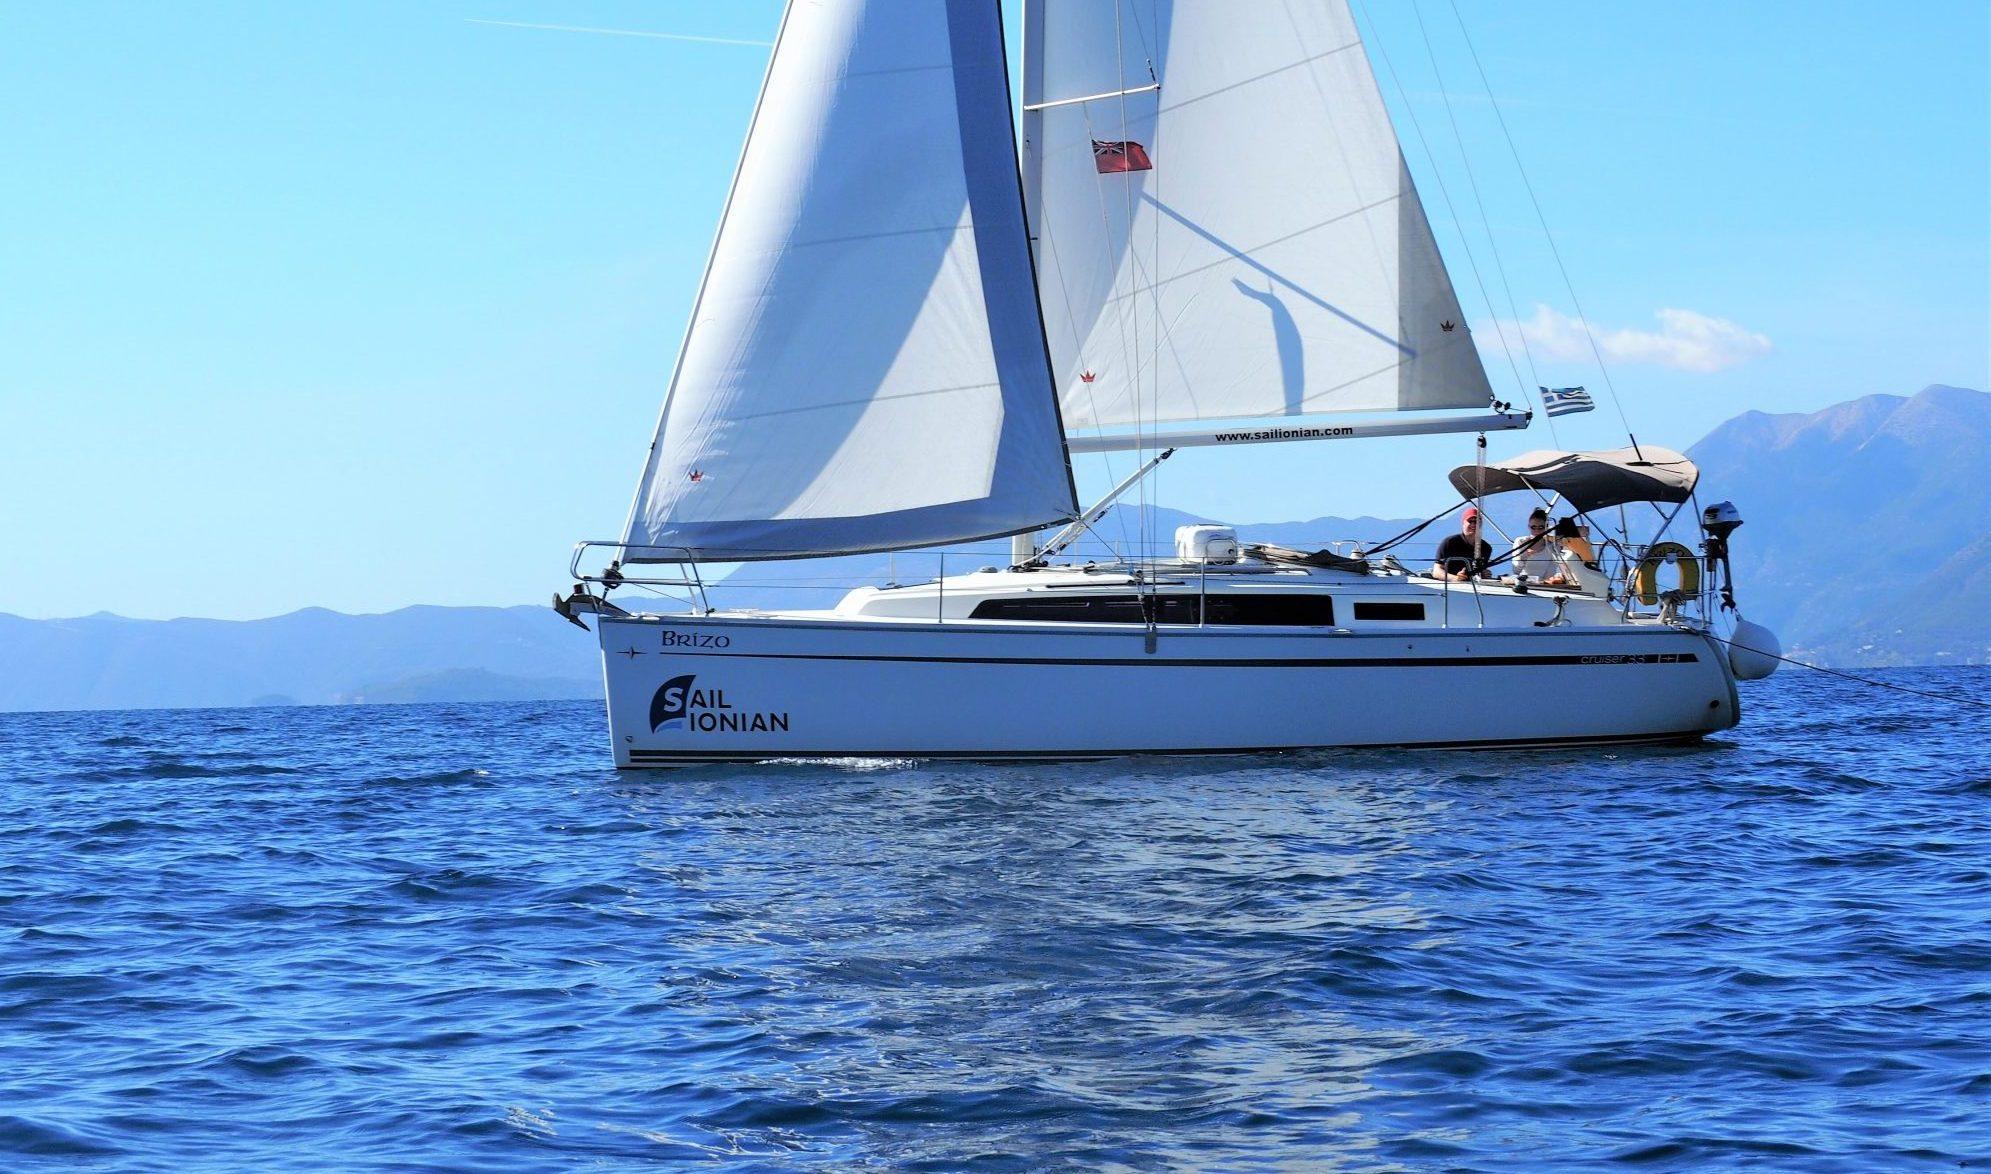 Sail Ionian Yacht Bavaria 33